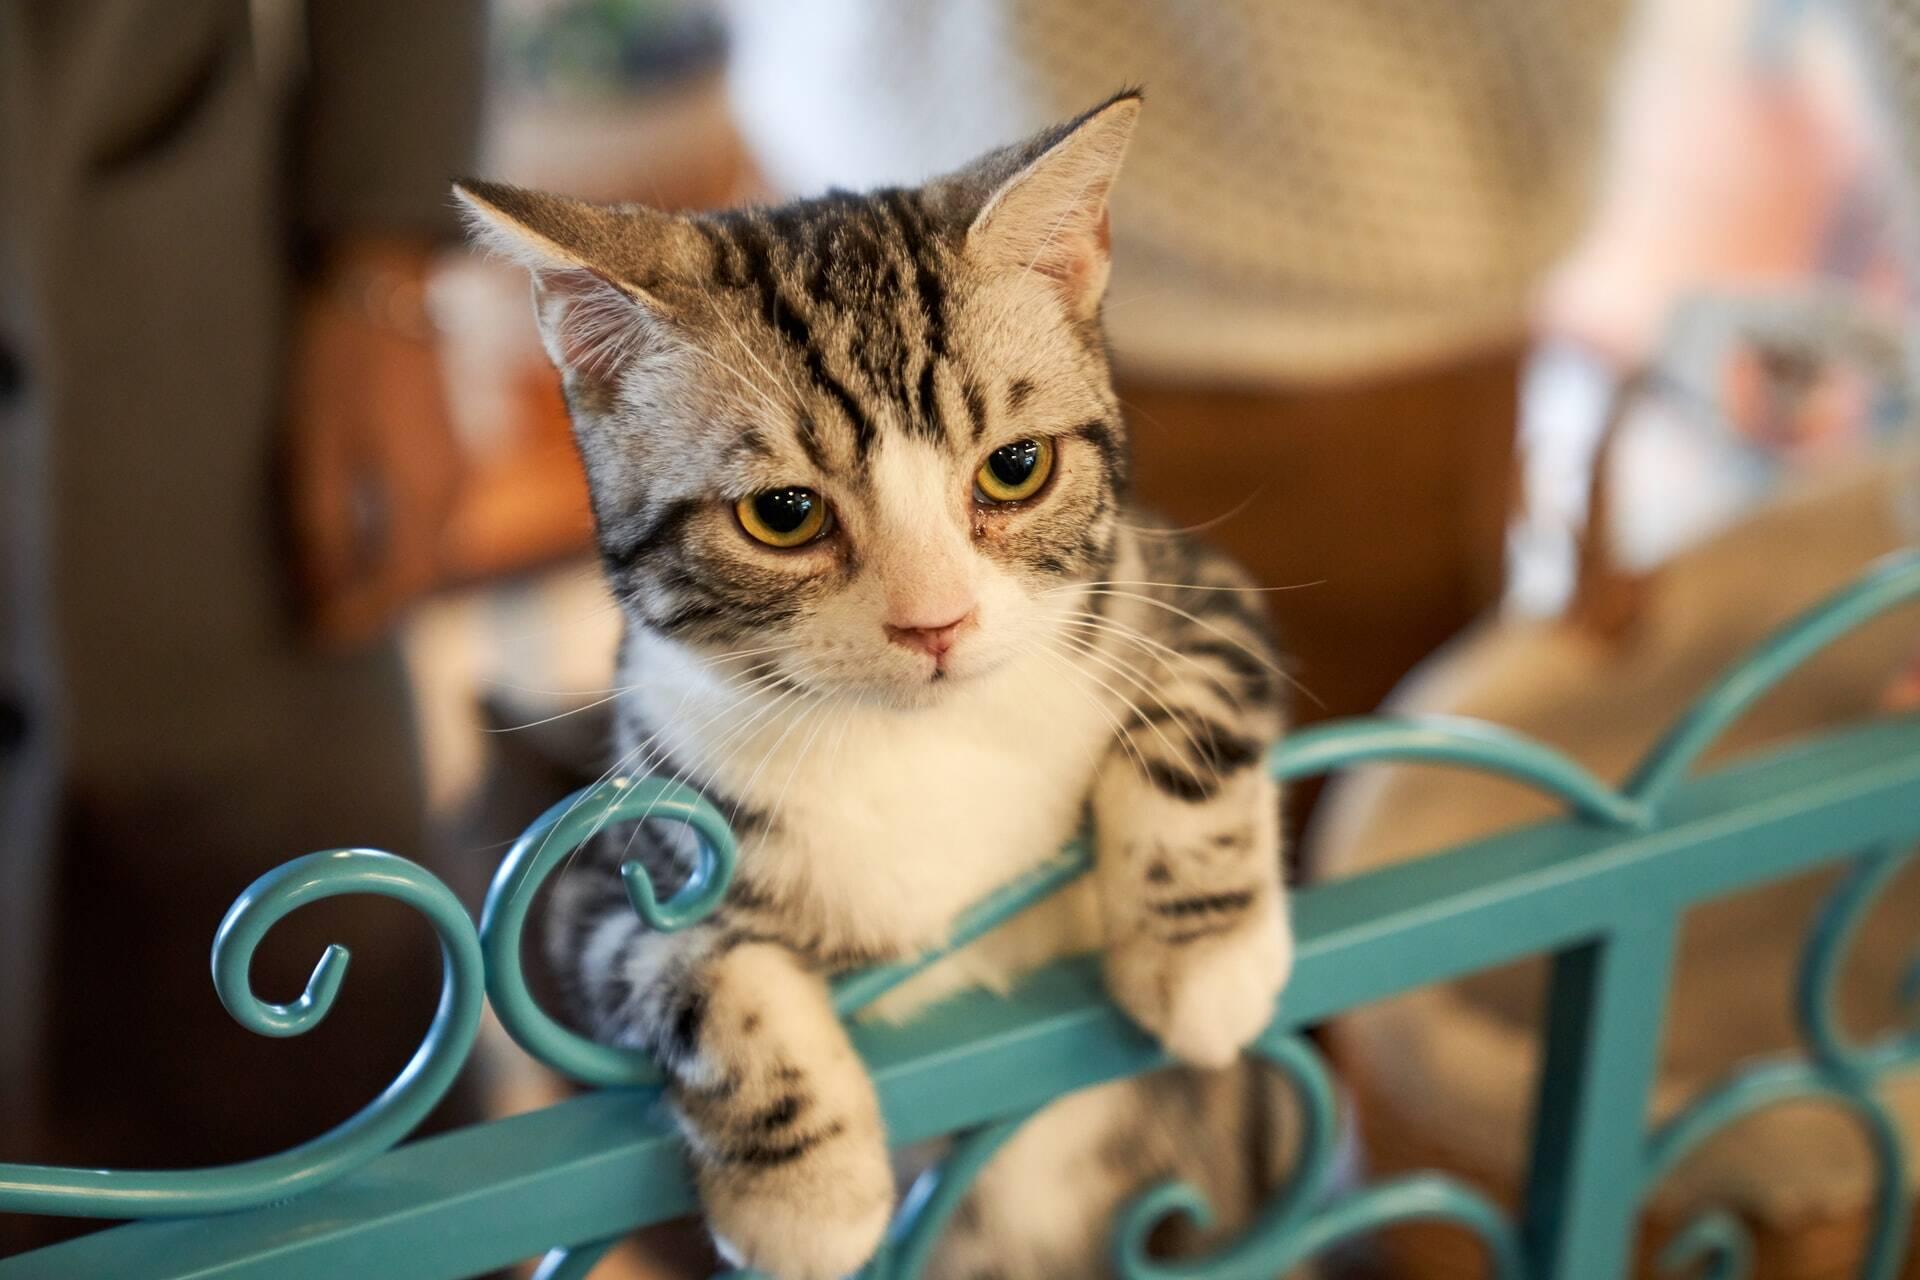 Se um estranho tratar você mal, seu gato não vai mover uma palha, revela estudo